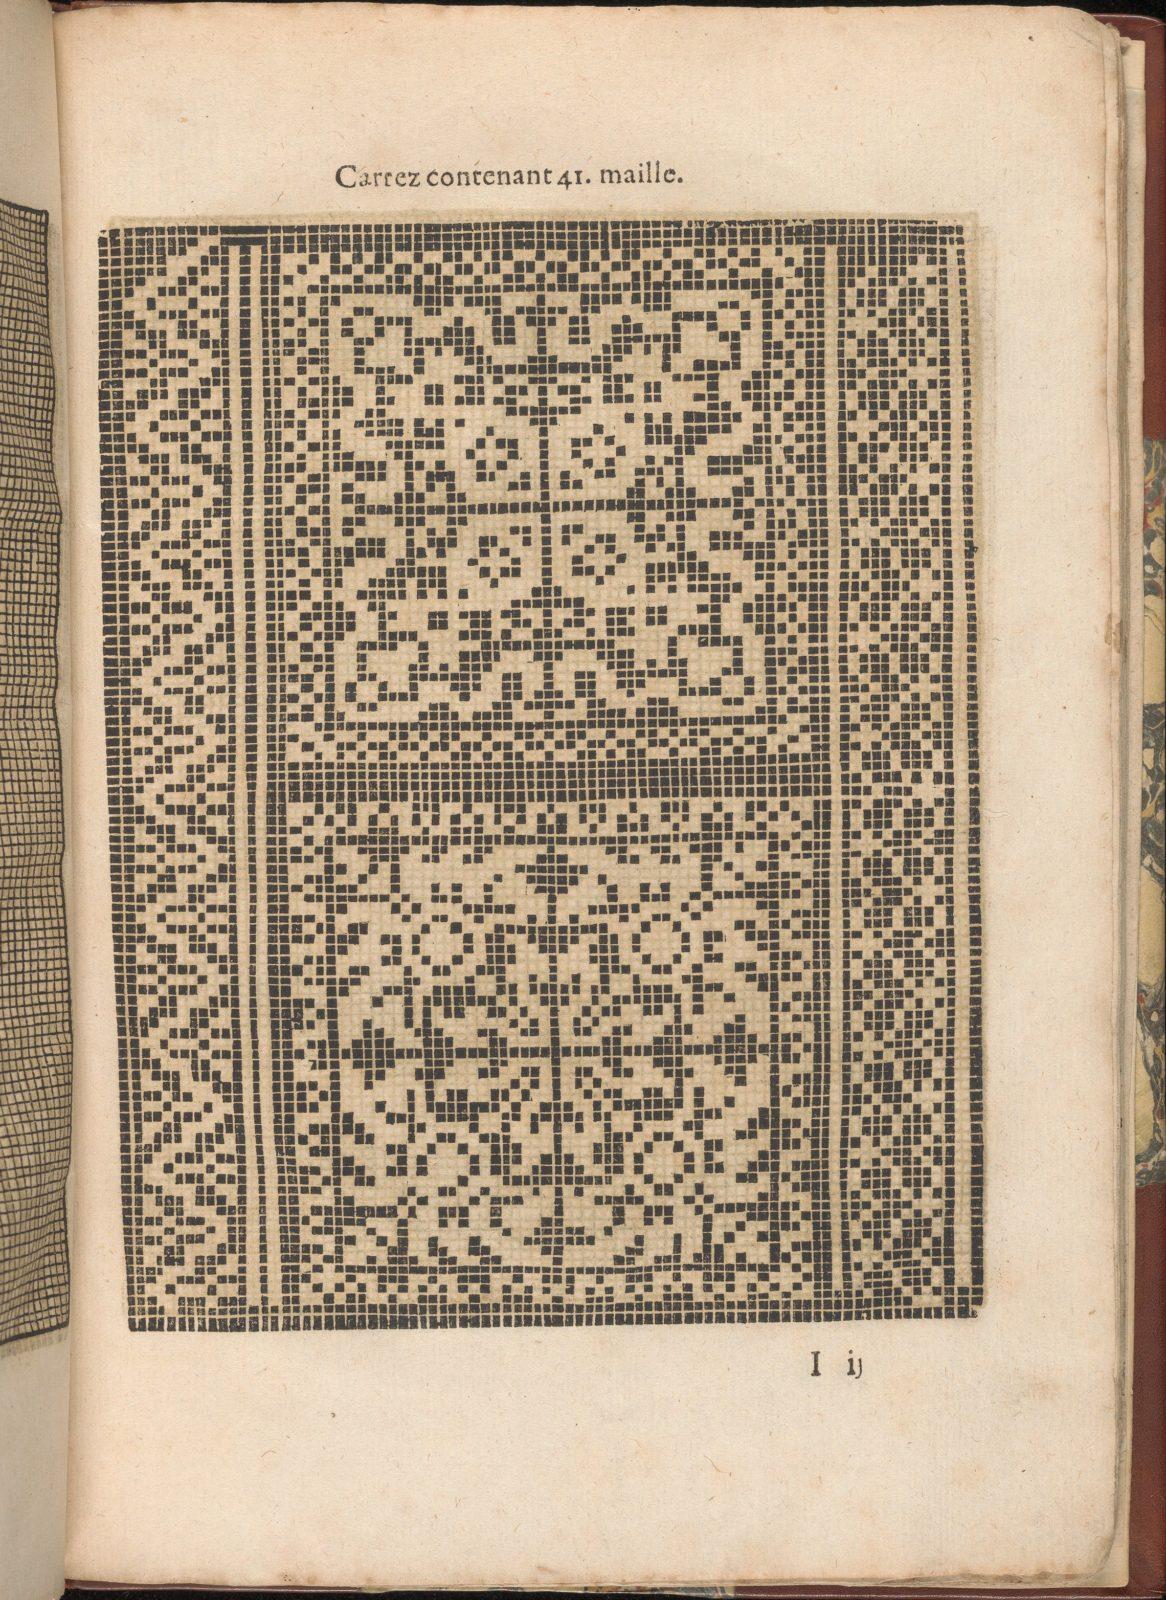 Les Secondes Oeuvres, et Subtiles Inventions De Lingerie du Seigneur Federic de Vinciolo Venitien, page 34 (recto)